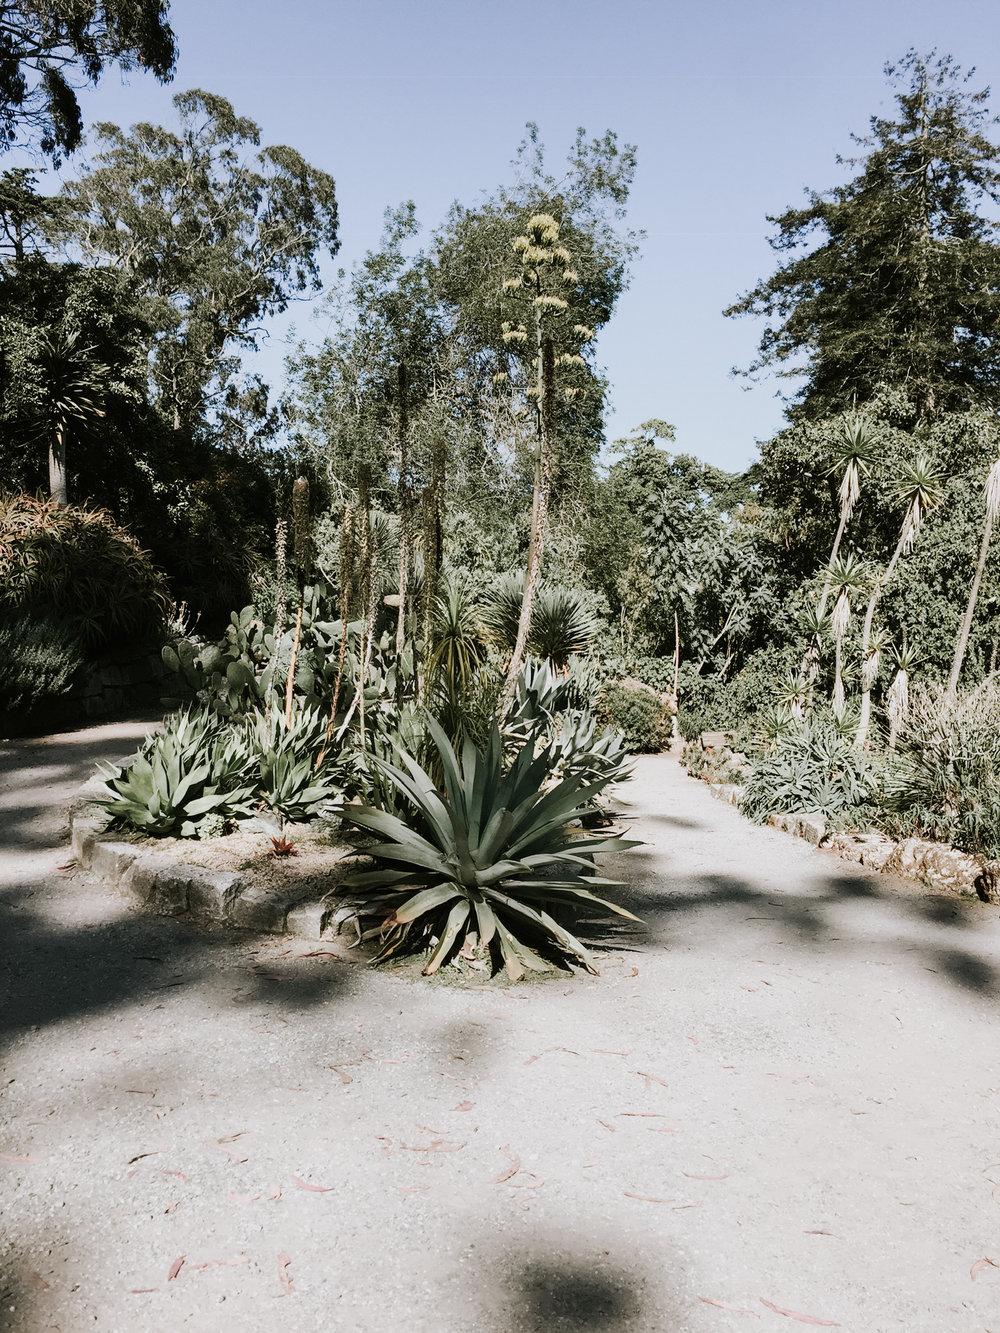 Walking through the Botanical Gardens